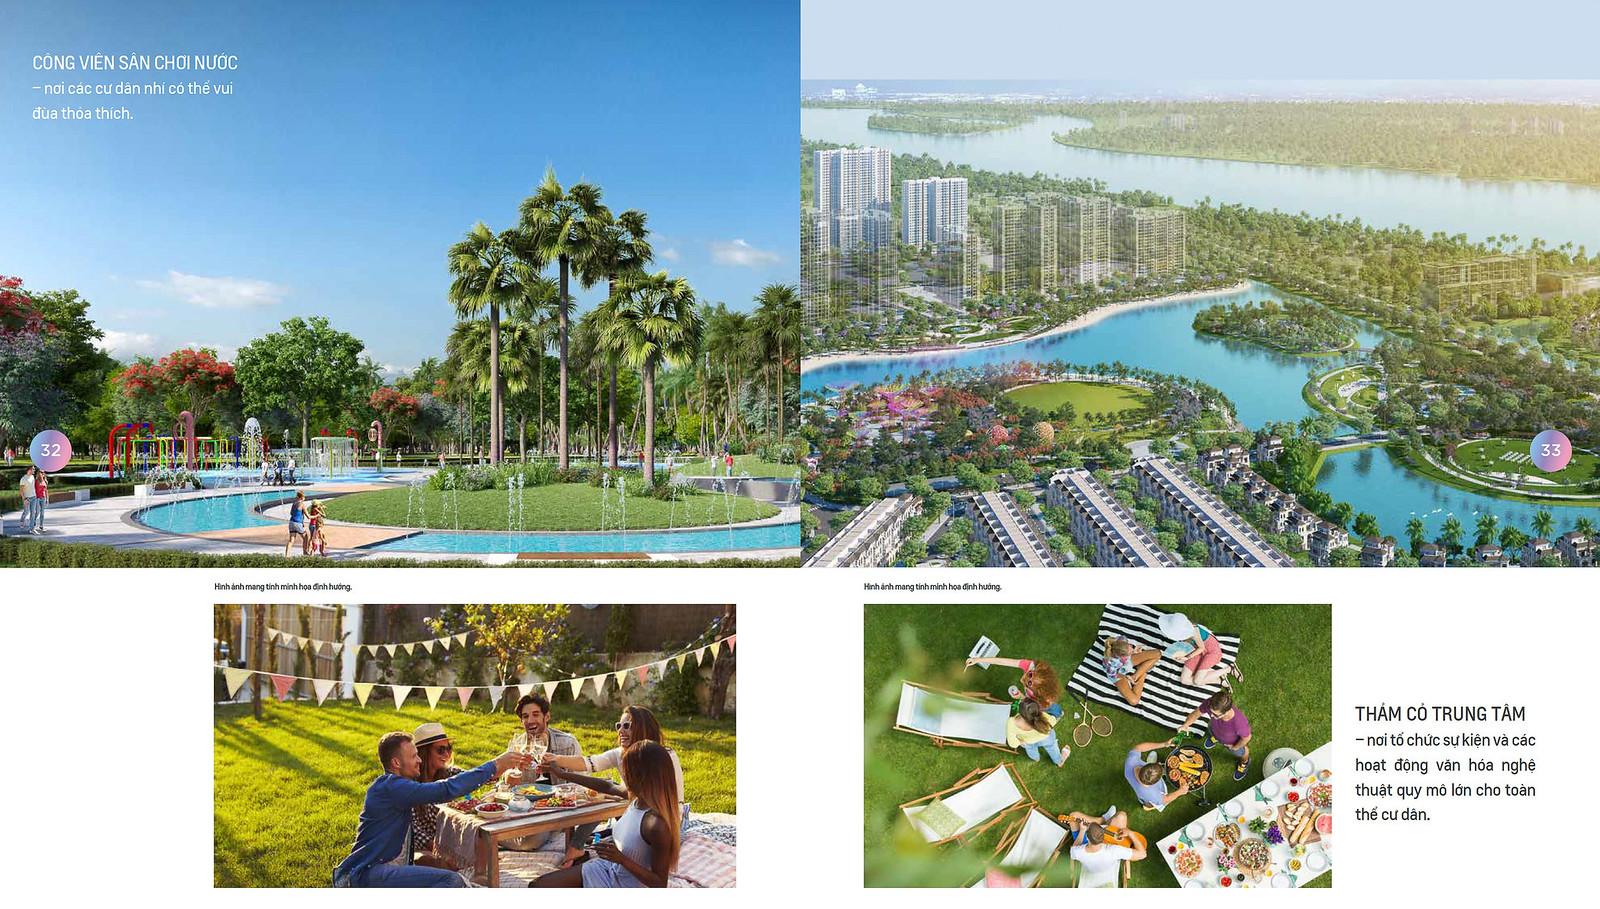 Vinhomes Grand Park quận 9 – Đại đô thị kiểu mới cho cư dân thành phố 1